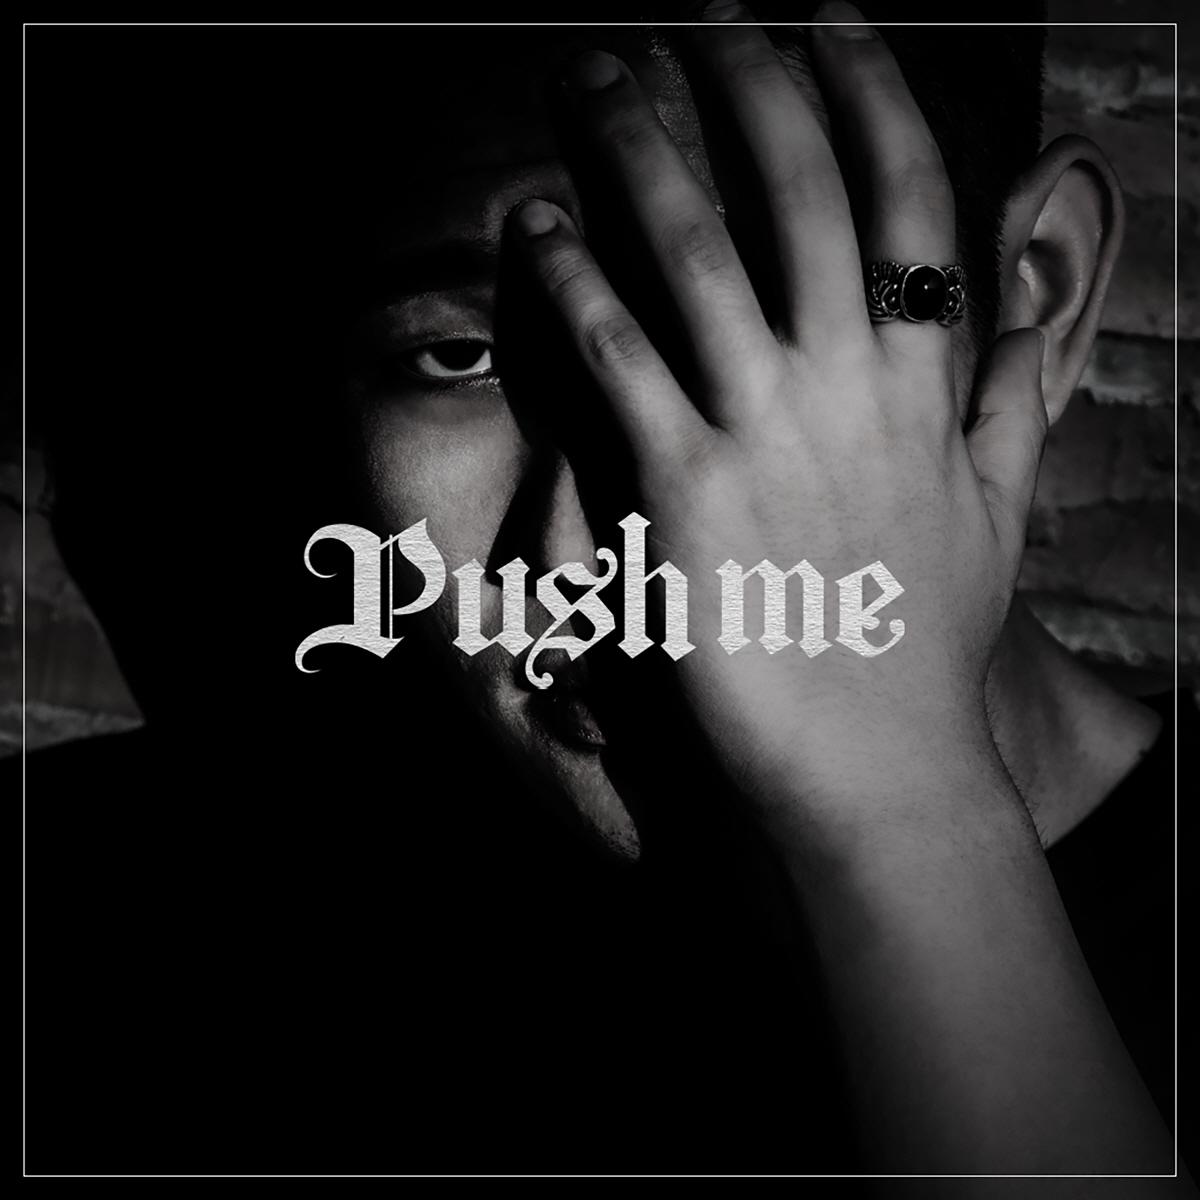 29일(수), 블루엘크(Bluelk) 싱글 앨범 'Push Me' 발매 | 인스티즈